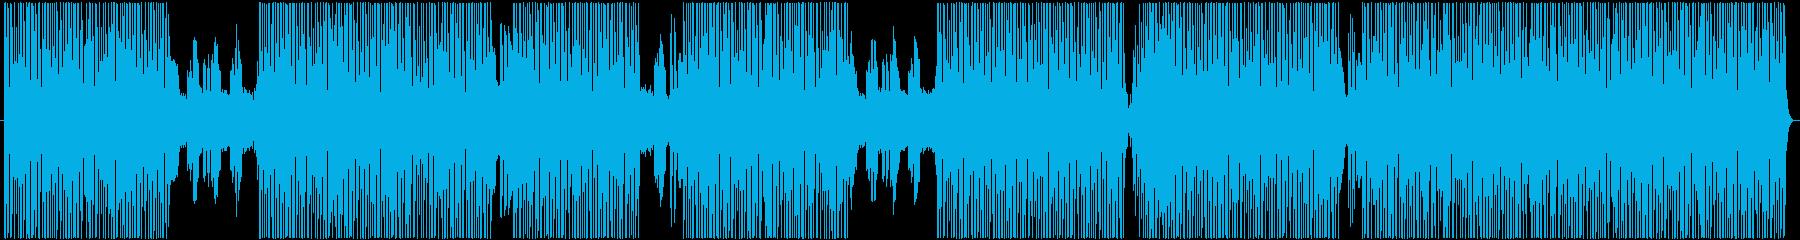 ダークで響きが特徴的なメロディーの再生済みの波形